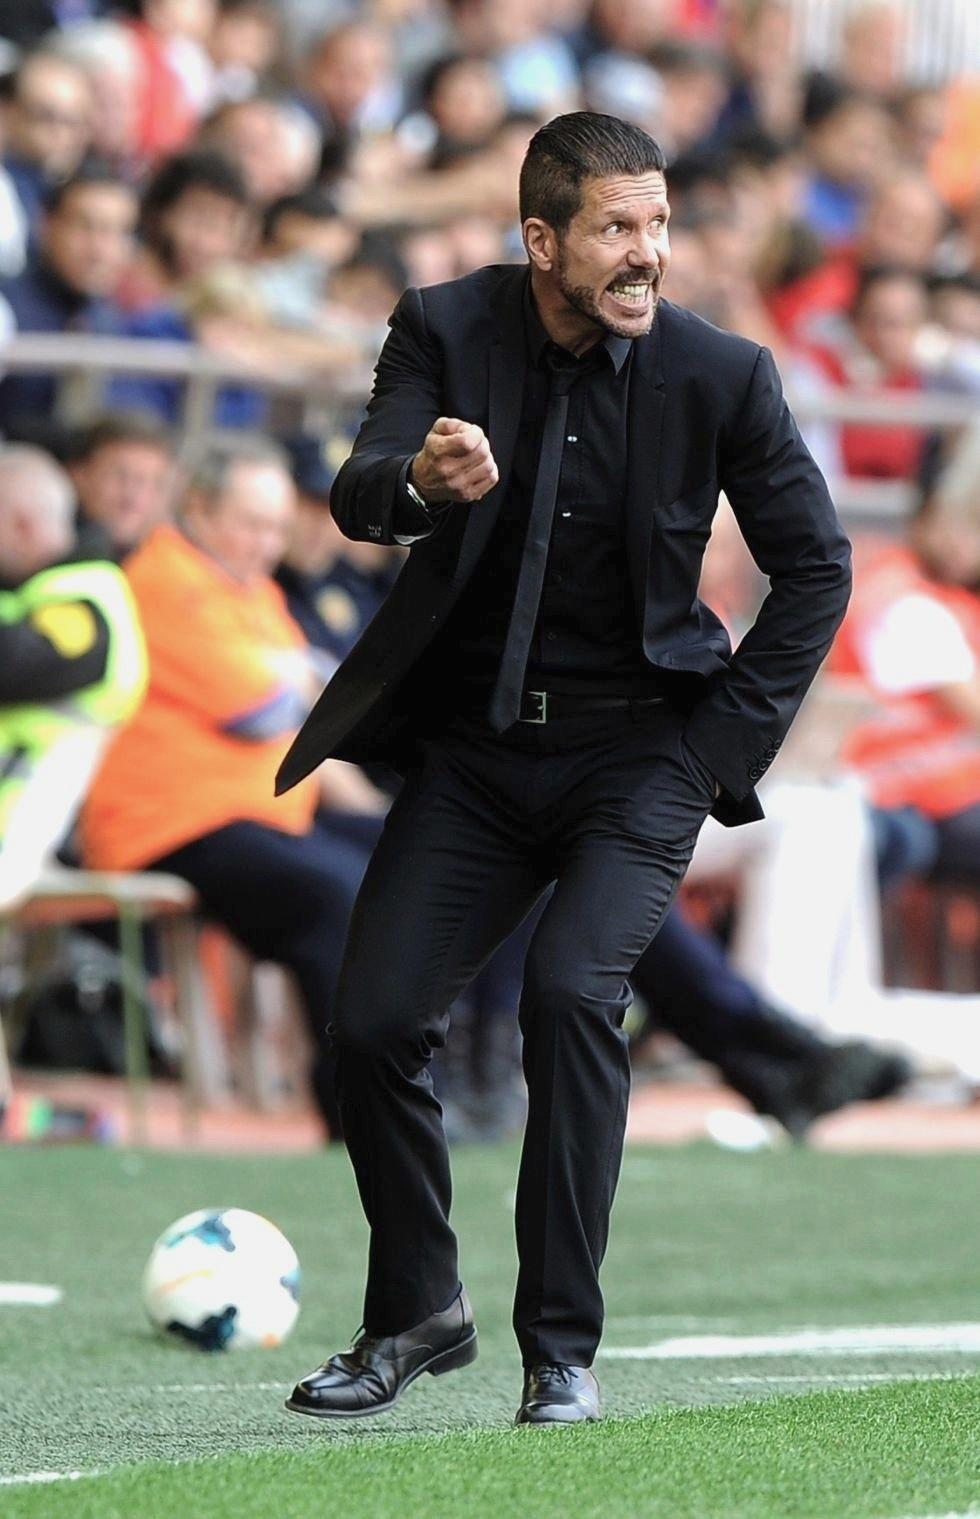 Quem poderia prever que aquele doido e agressivo volante apelidado de 'El Cholo', se tornaria um exemplo de elegância fora de campo. Com ternos caprichados e muita classe,Diego Simeone não nos faz lembrar o ex-camisa 8 da Argentina.